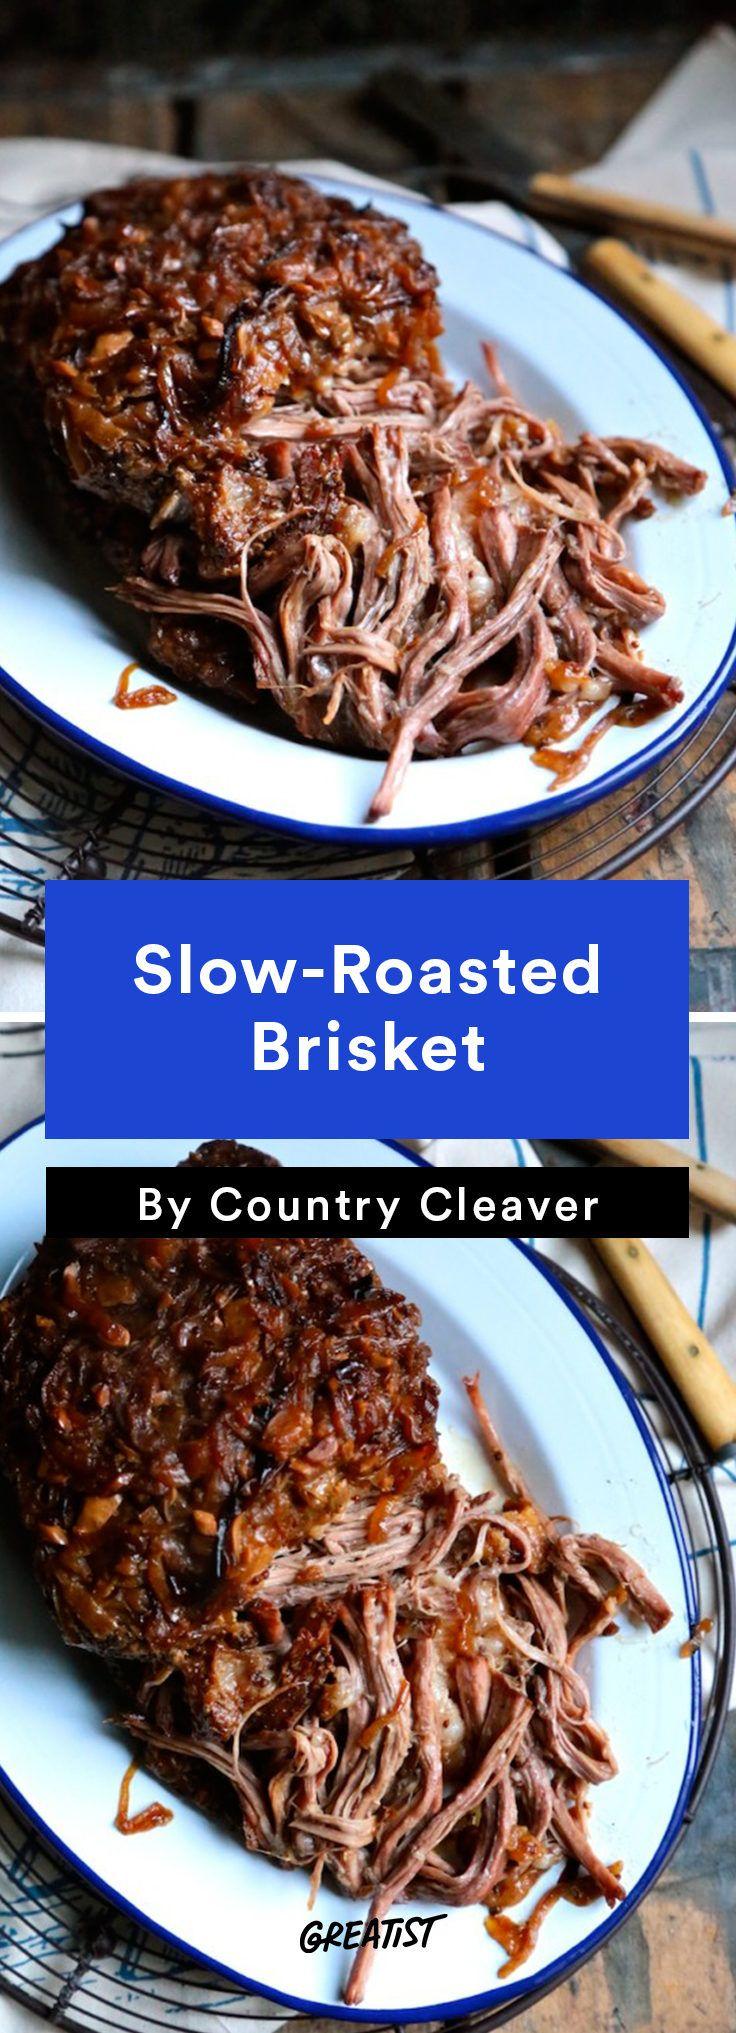 rosh hashanah: Slow-Roasted Brisket